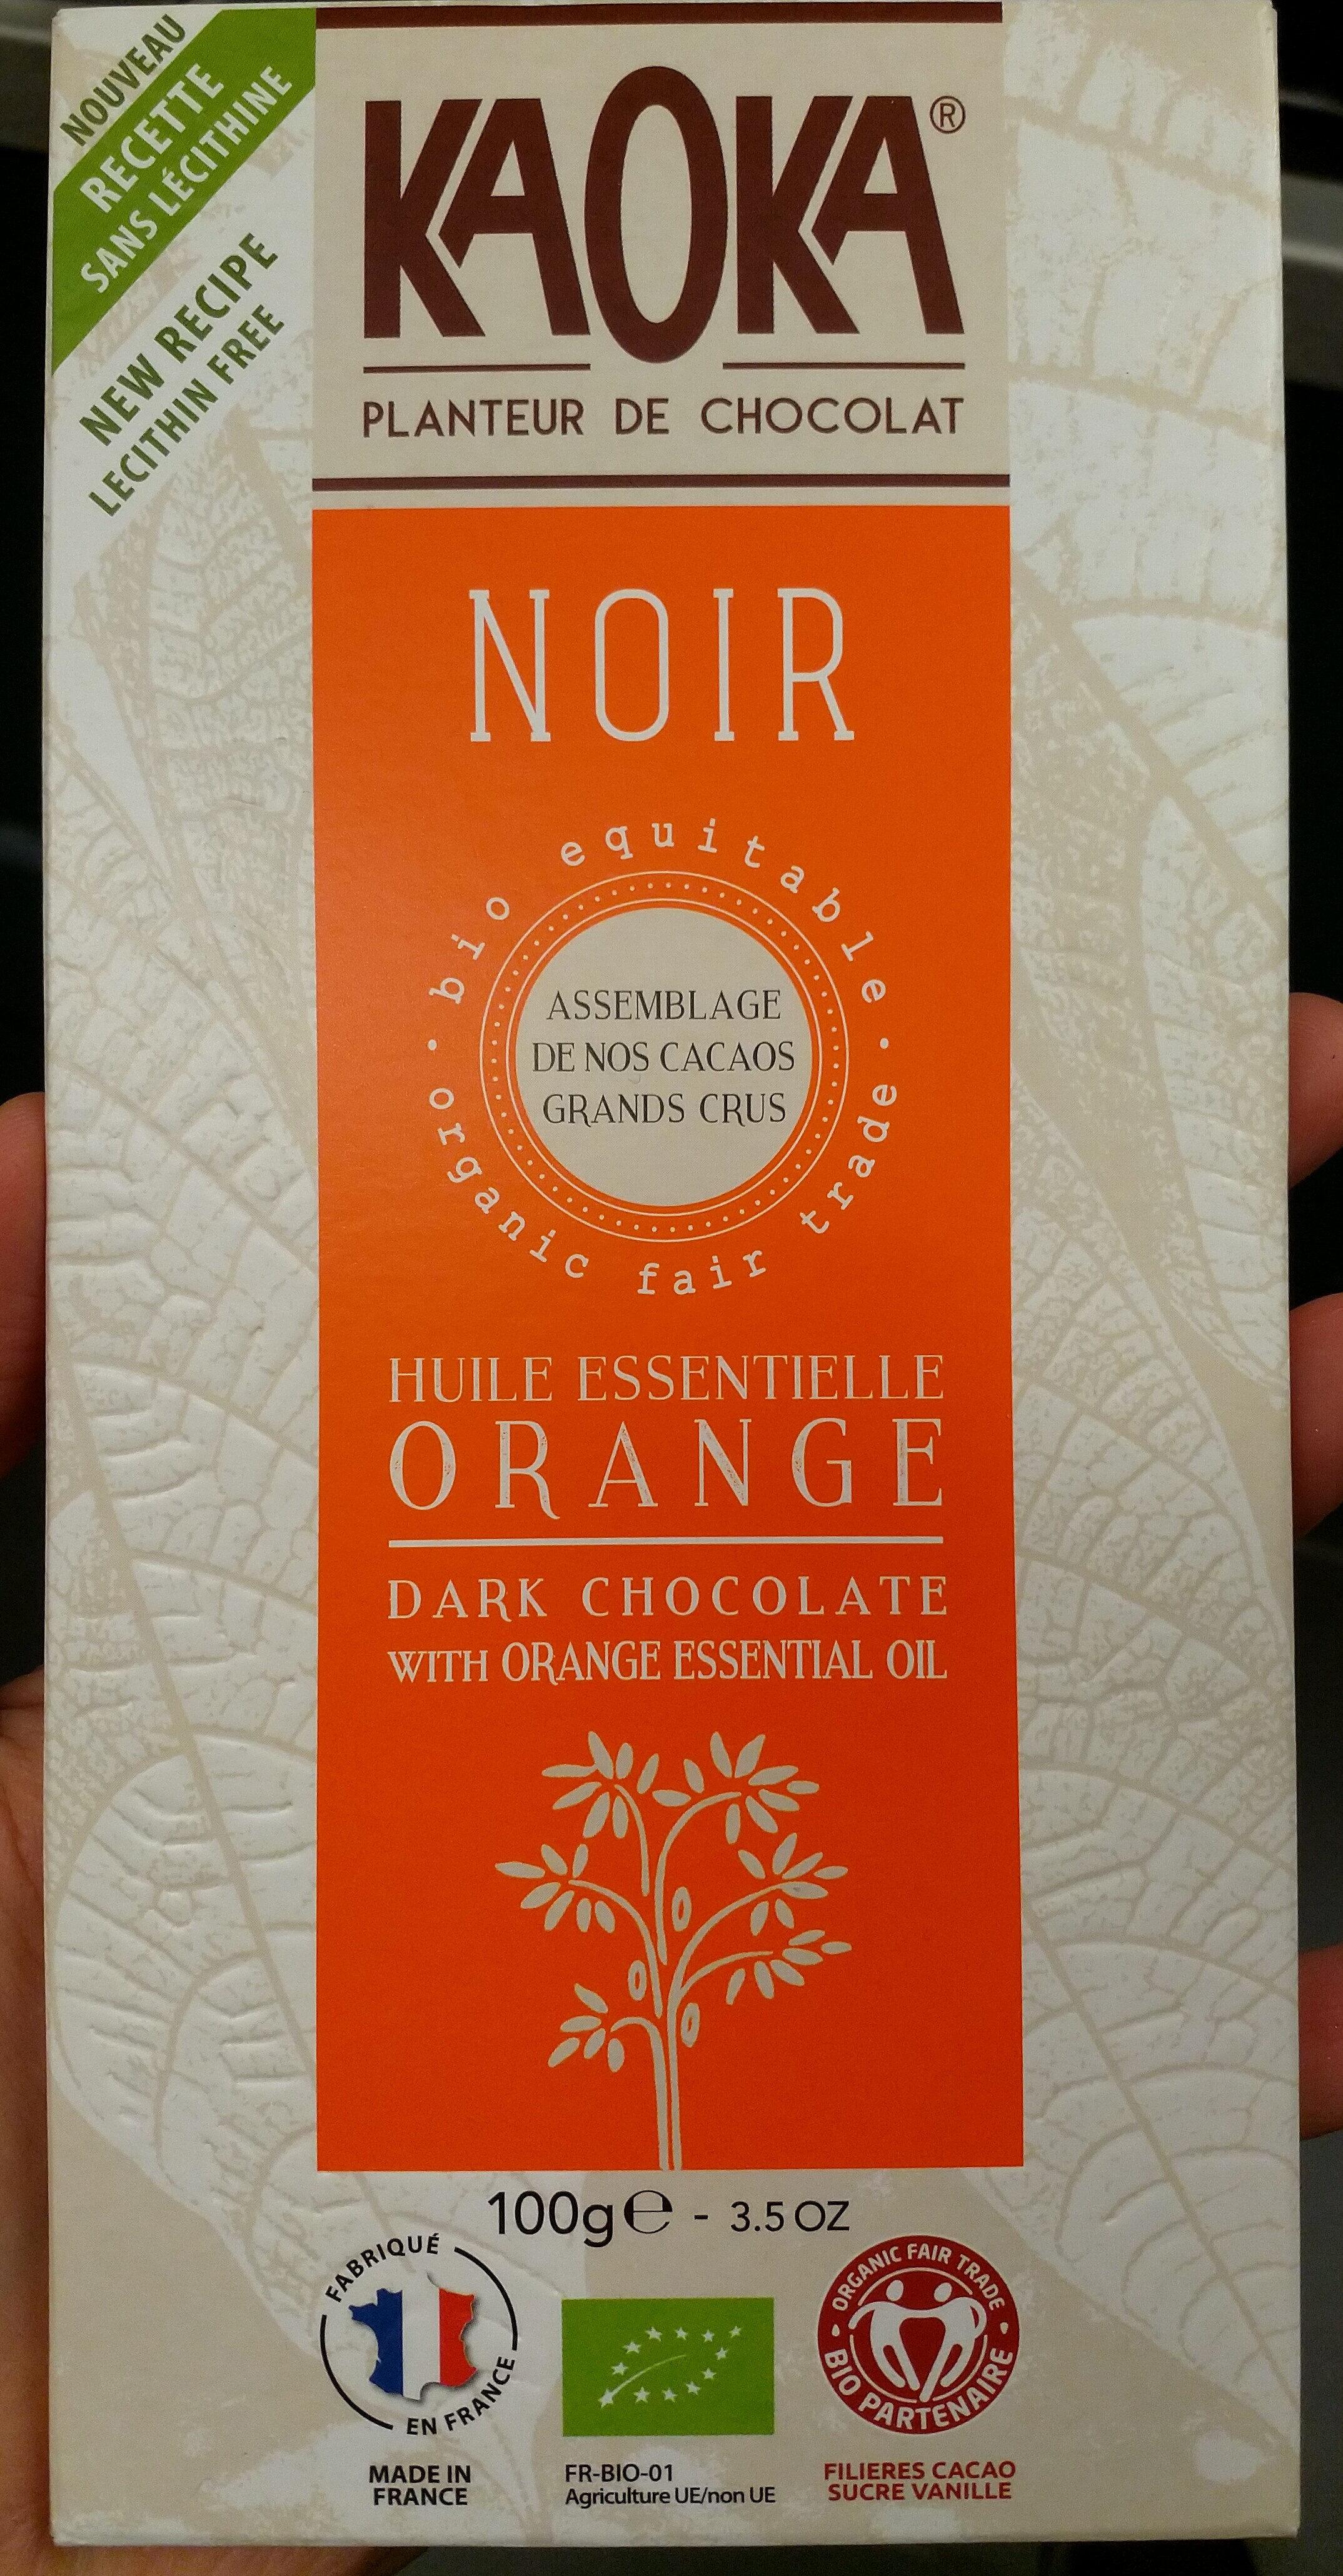 Chocolat noir huile essentielle orange - Producto - es